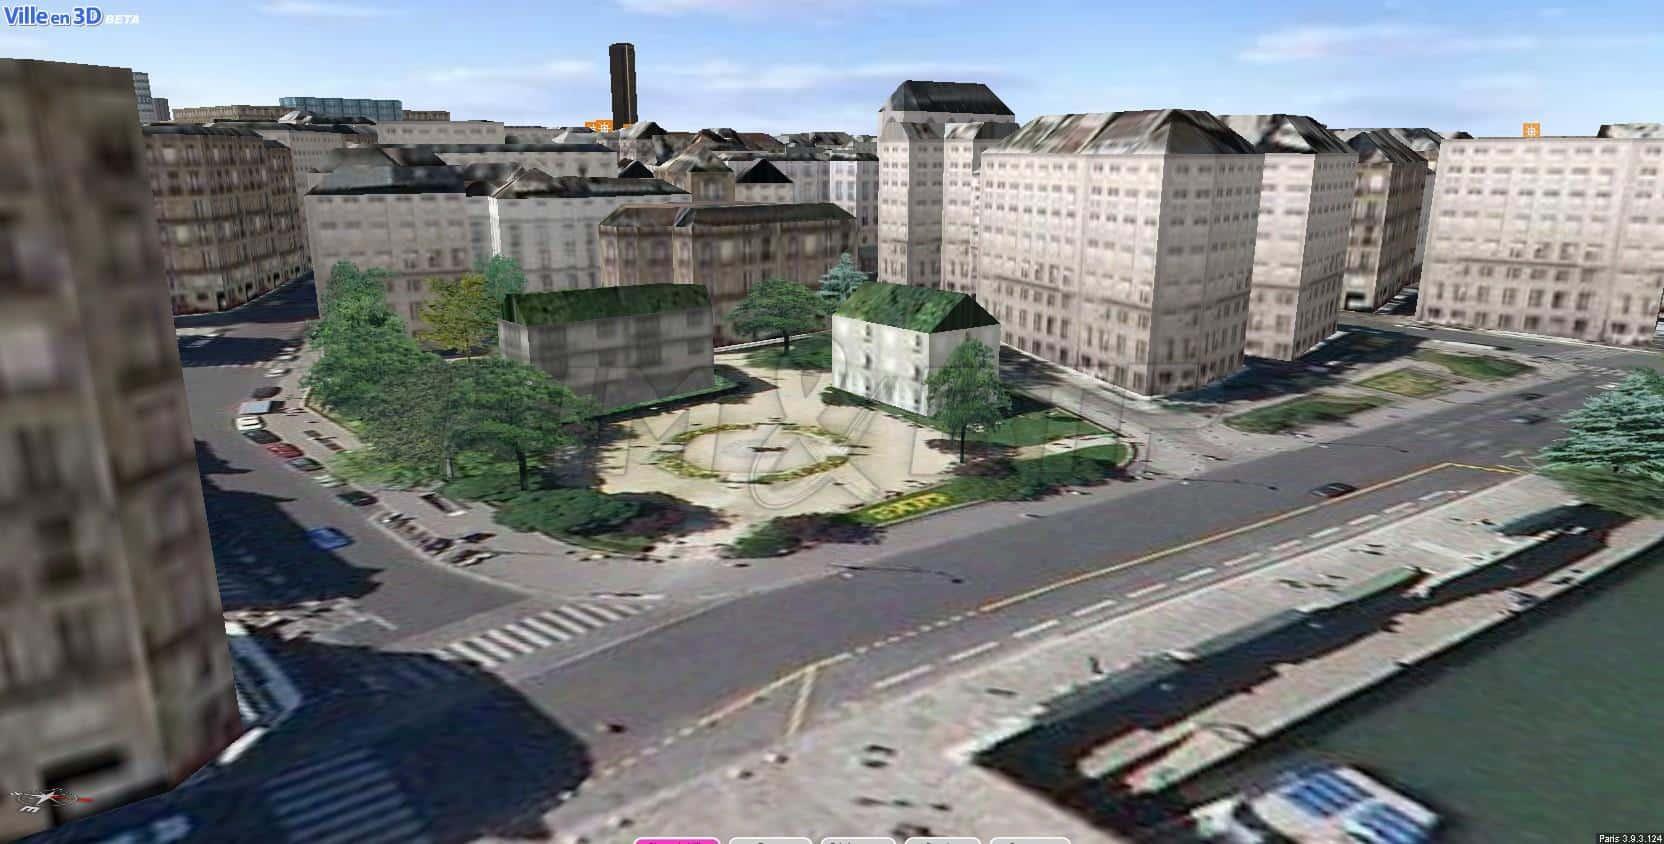 Une vue cadrée serrée de la maquette numérique de Paris